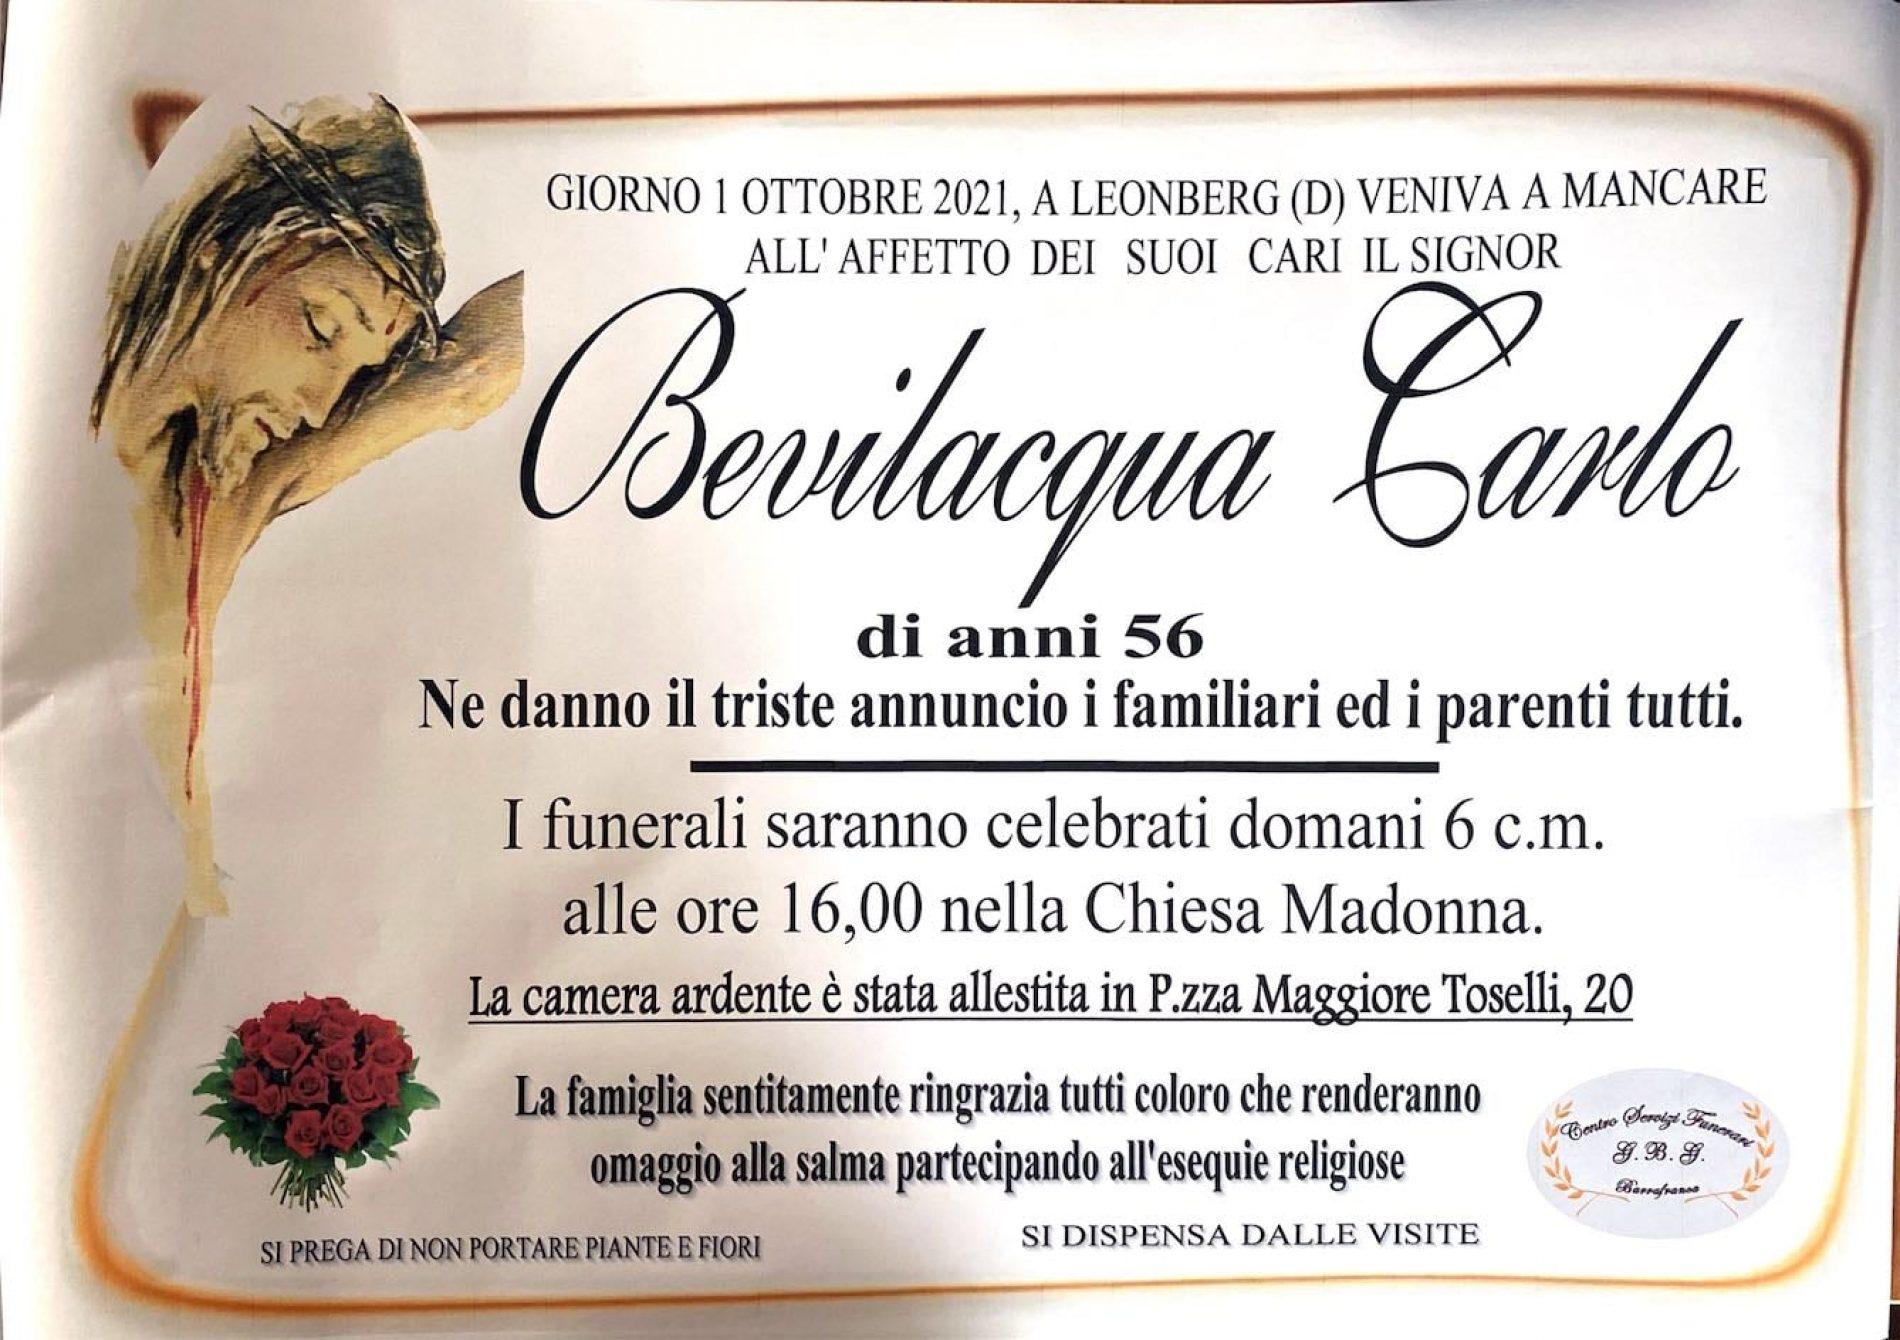 Annuncio servizi funerari agenzia G.B.G. sig Bevilacqua Carlo di anni 56